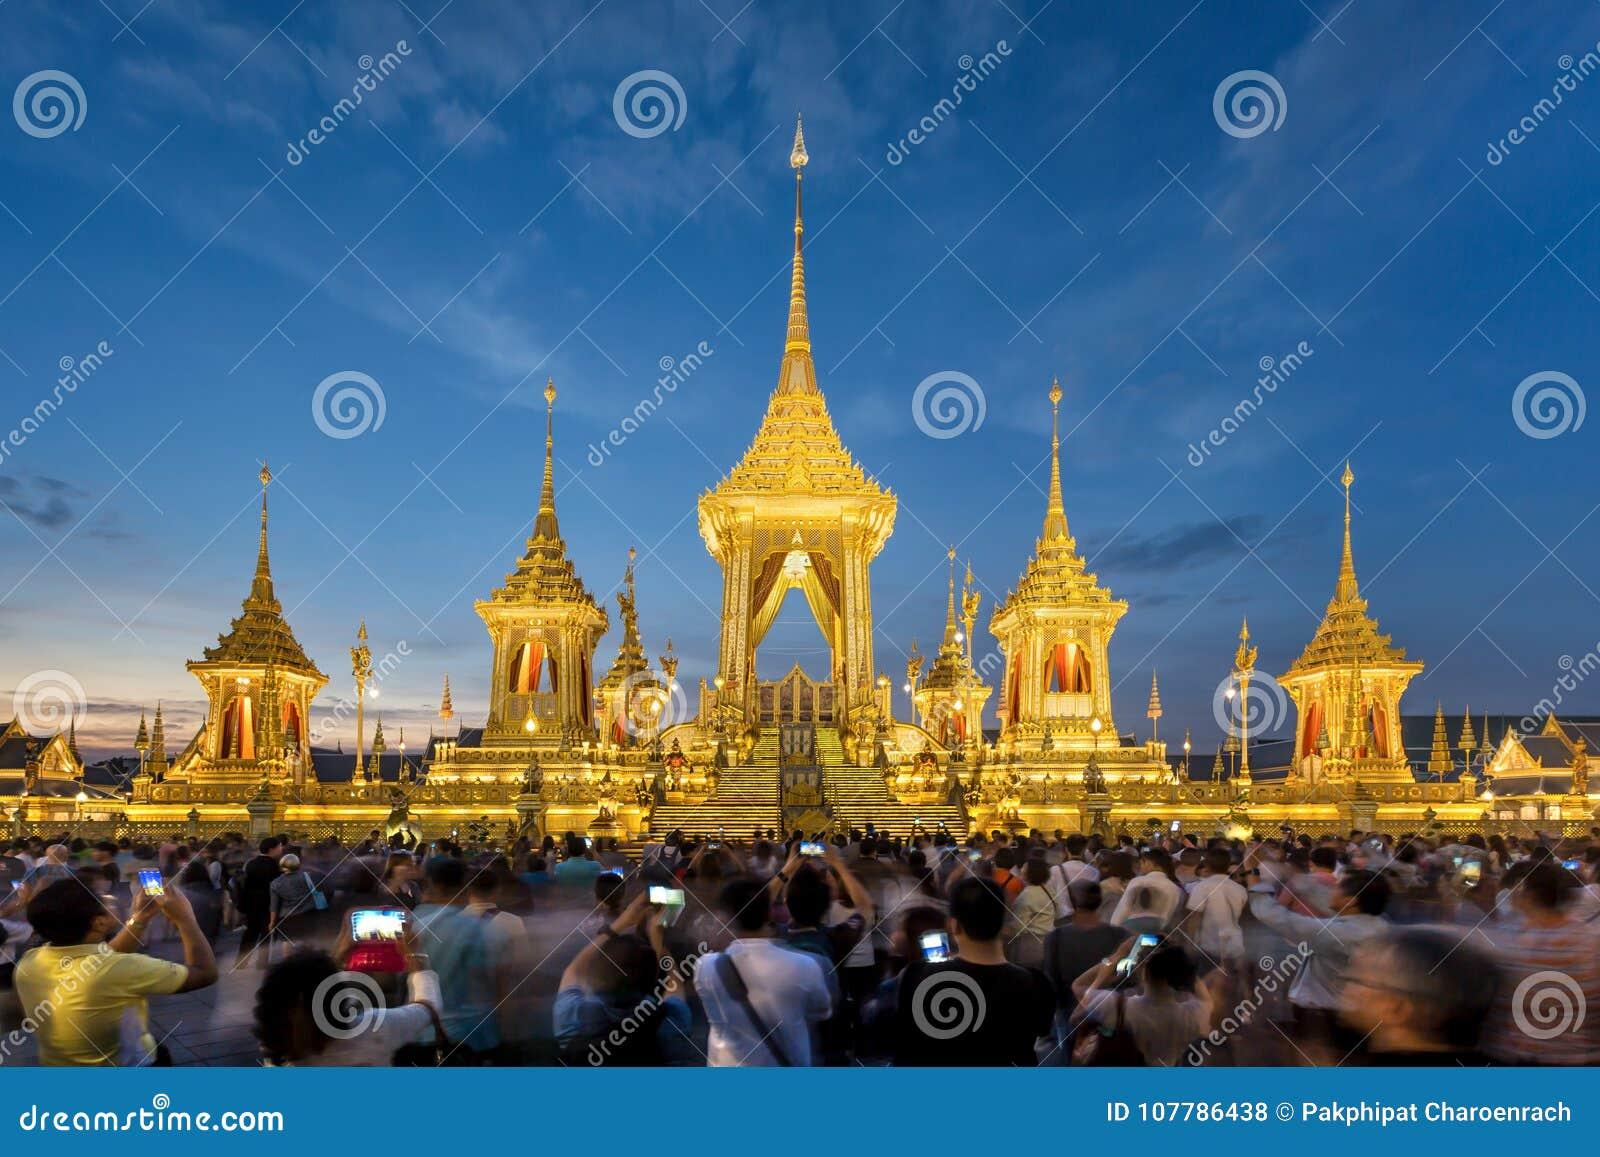 Die königliche Krematoriums-Replik für König Bhumibol Adulyadej Pra M